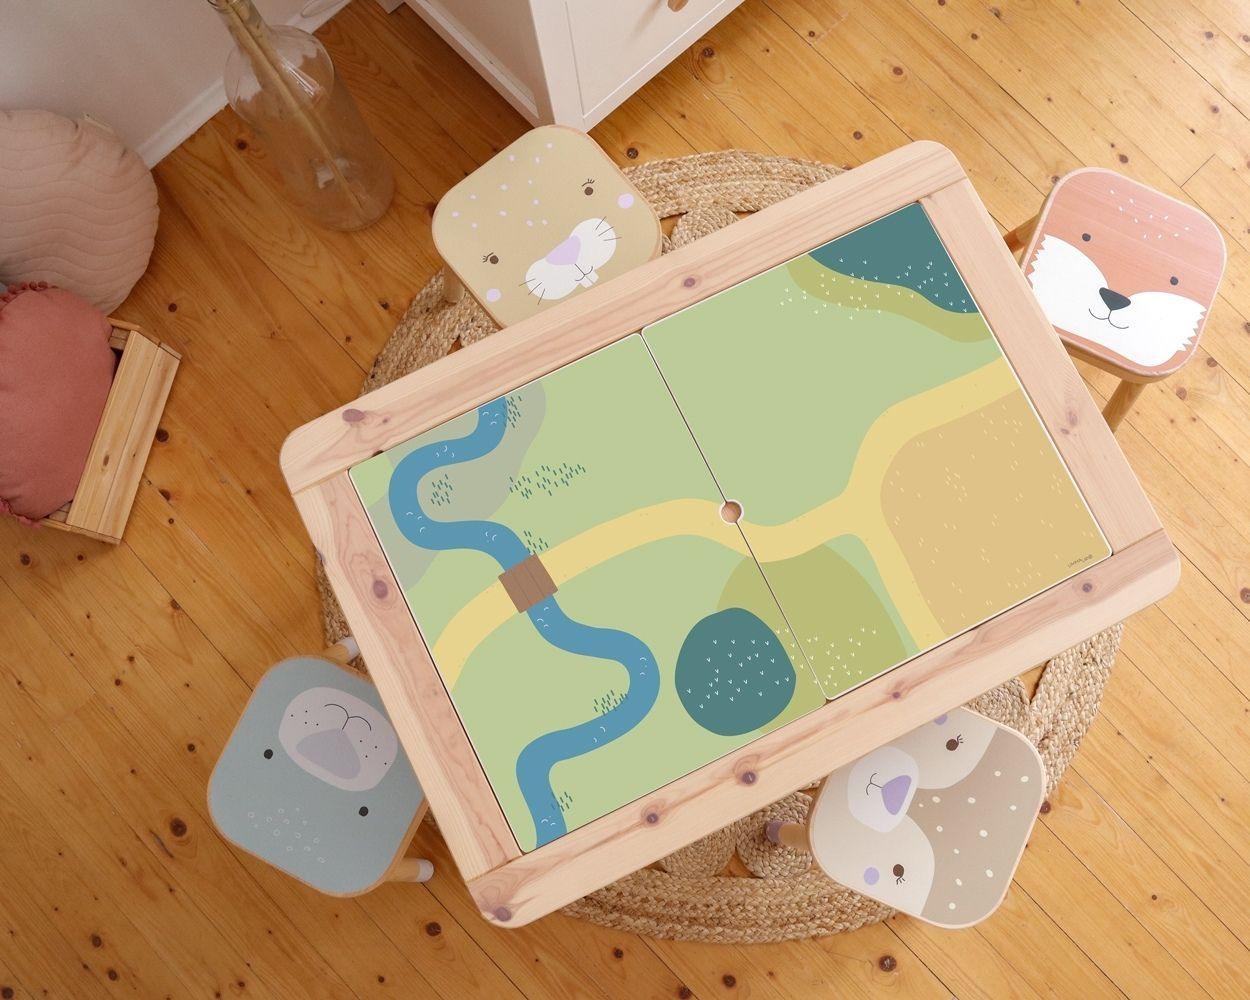 Ikea Flisat Waldtiere und Spielwiese